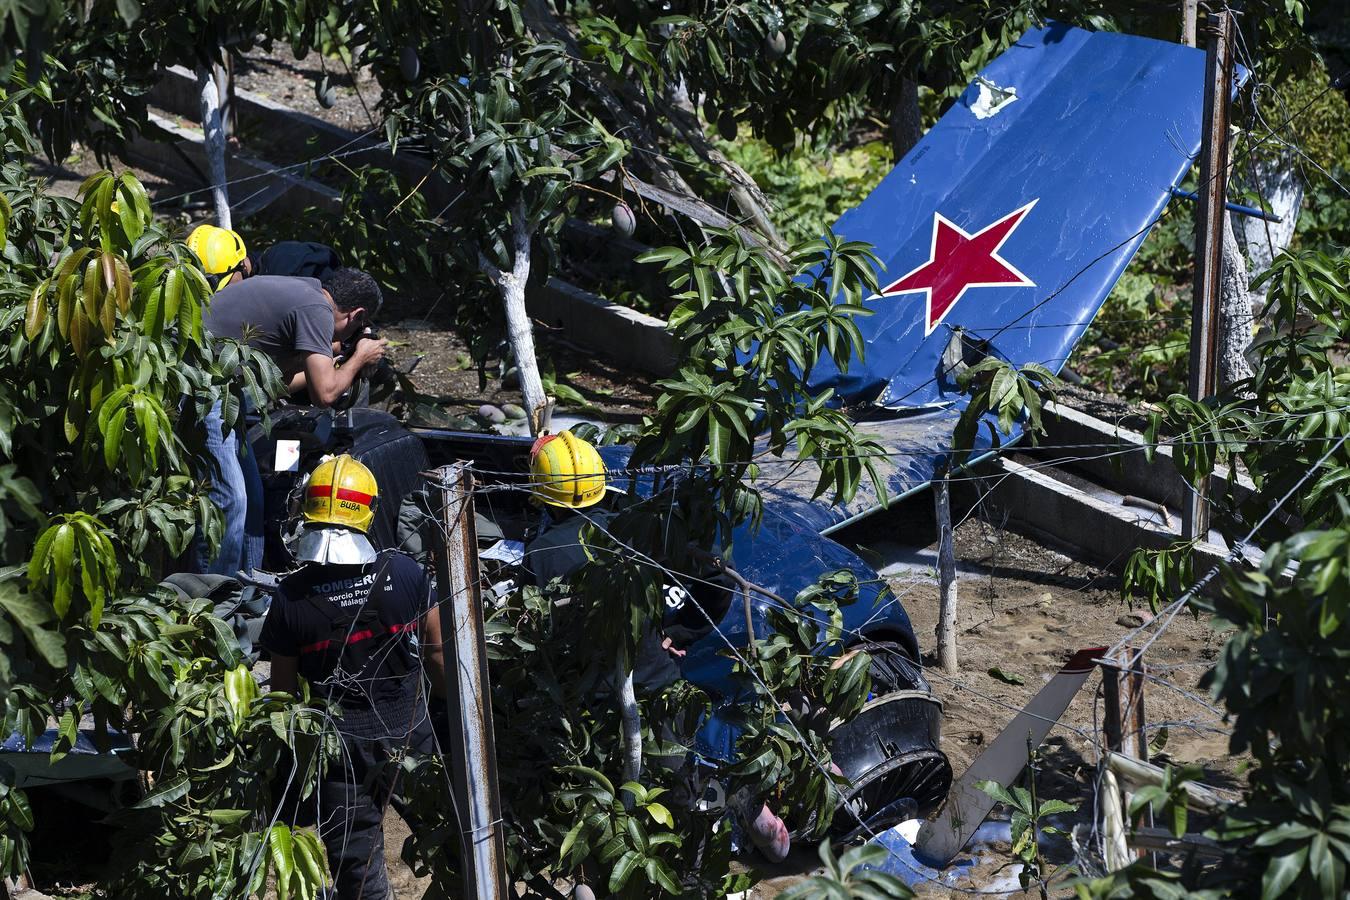 Un campeón de España de vuelo acrobático muere en un accidente de avión en Vélez